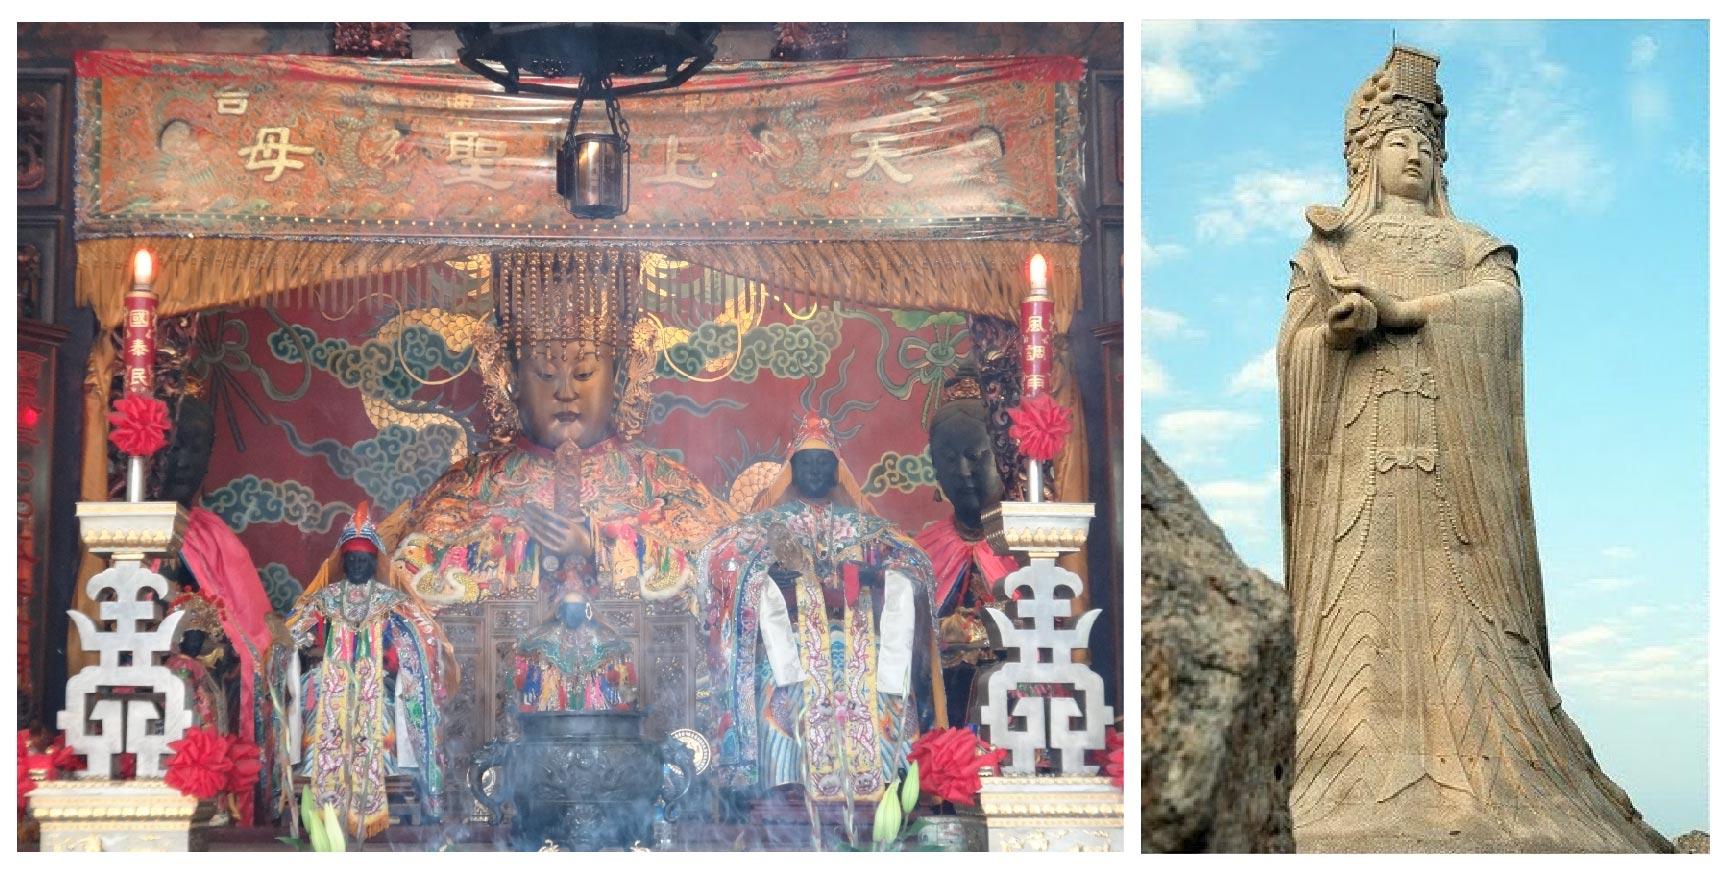 臺南大天后宮的金面媽祖像(左)與福建湄洲島的媽祖雕像(右)。臺灣媽祖神像多半是婦女貌,垂眼坐姿,符合古代朝廷冊封的天后禮制;中國版則偏向少女貌,造型也較現代感,比較少傳統型貌的神像。圖│Wiki